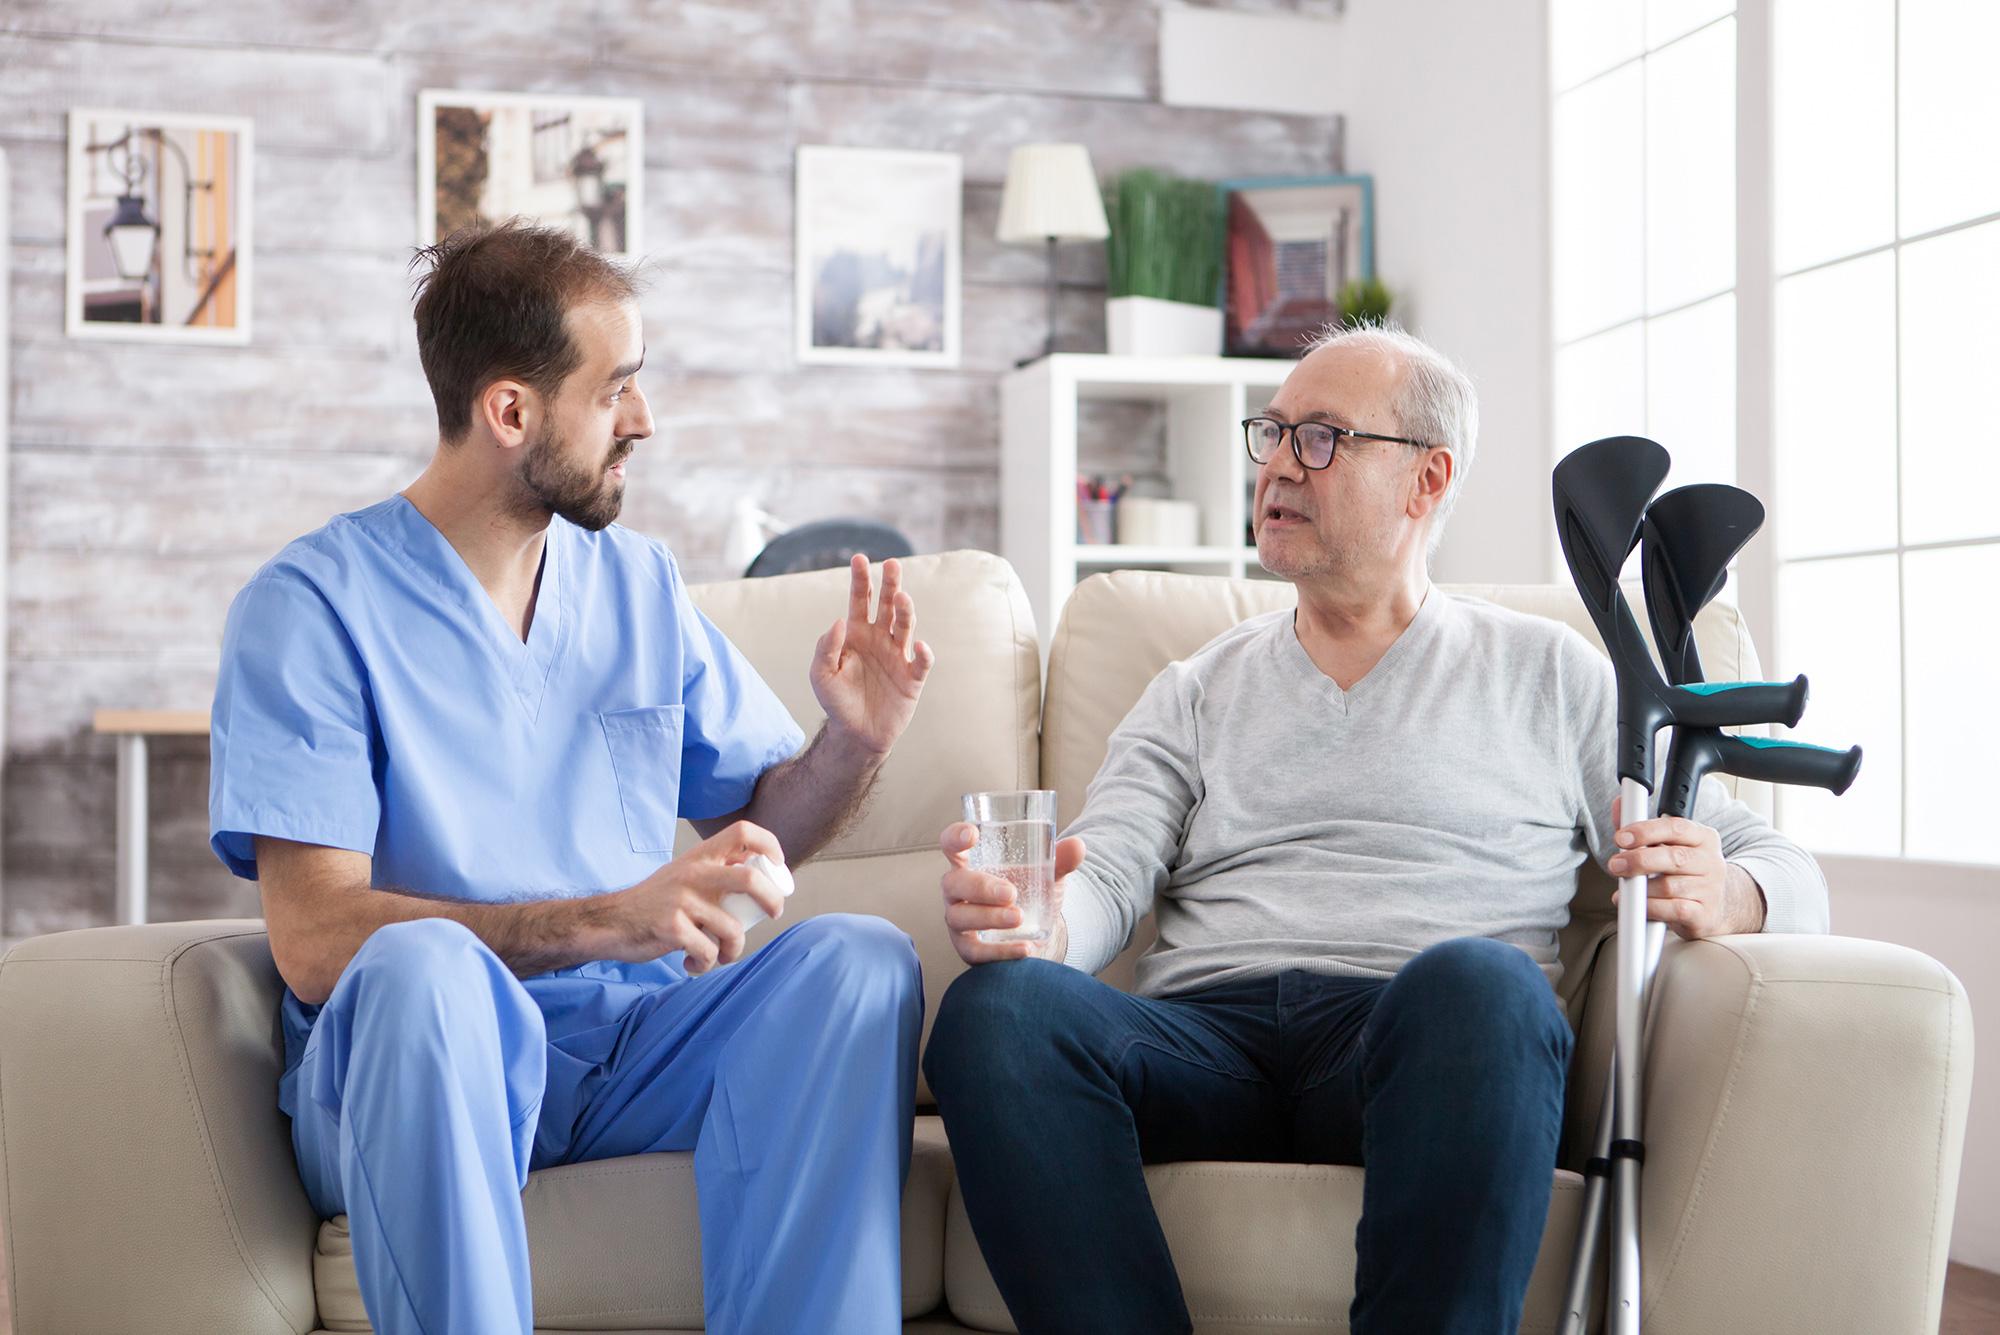 Od czego rozpoczynają się problemy z prostatą?